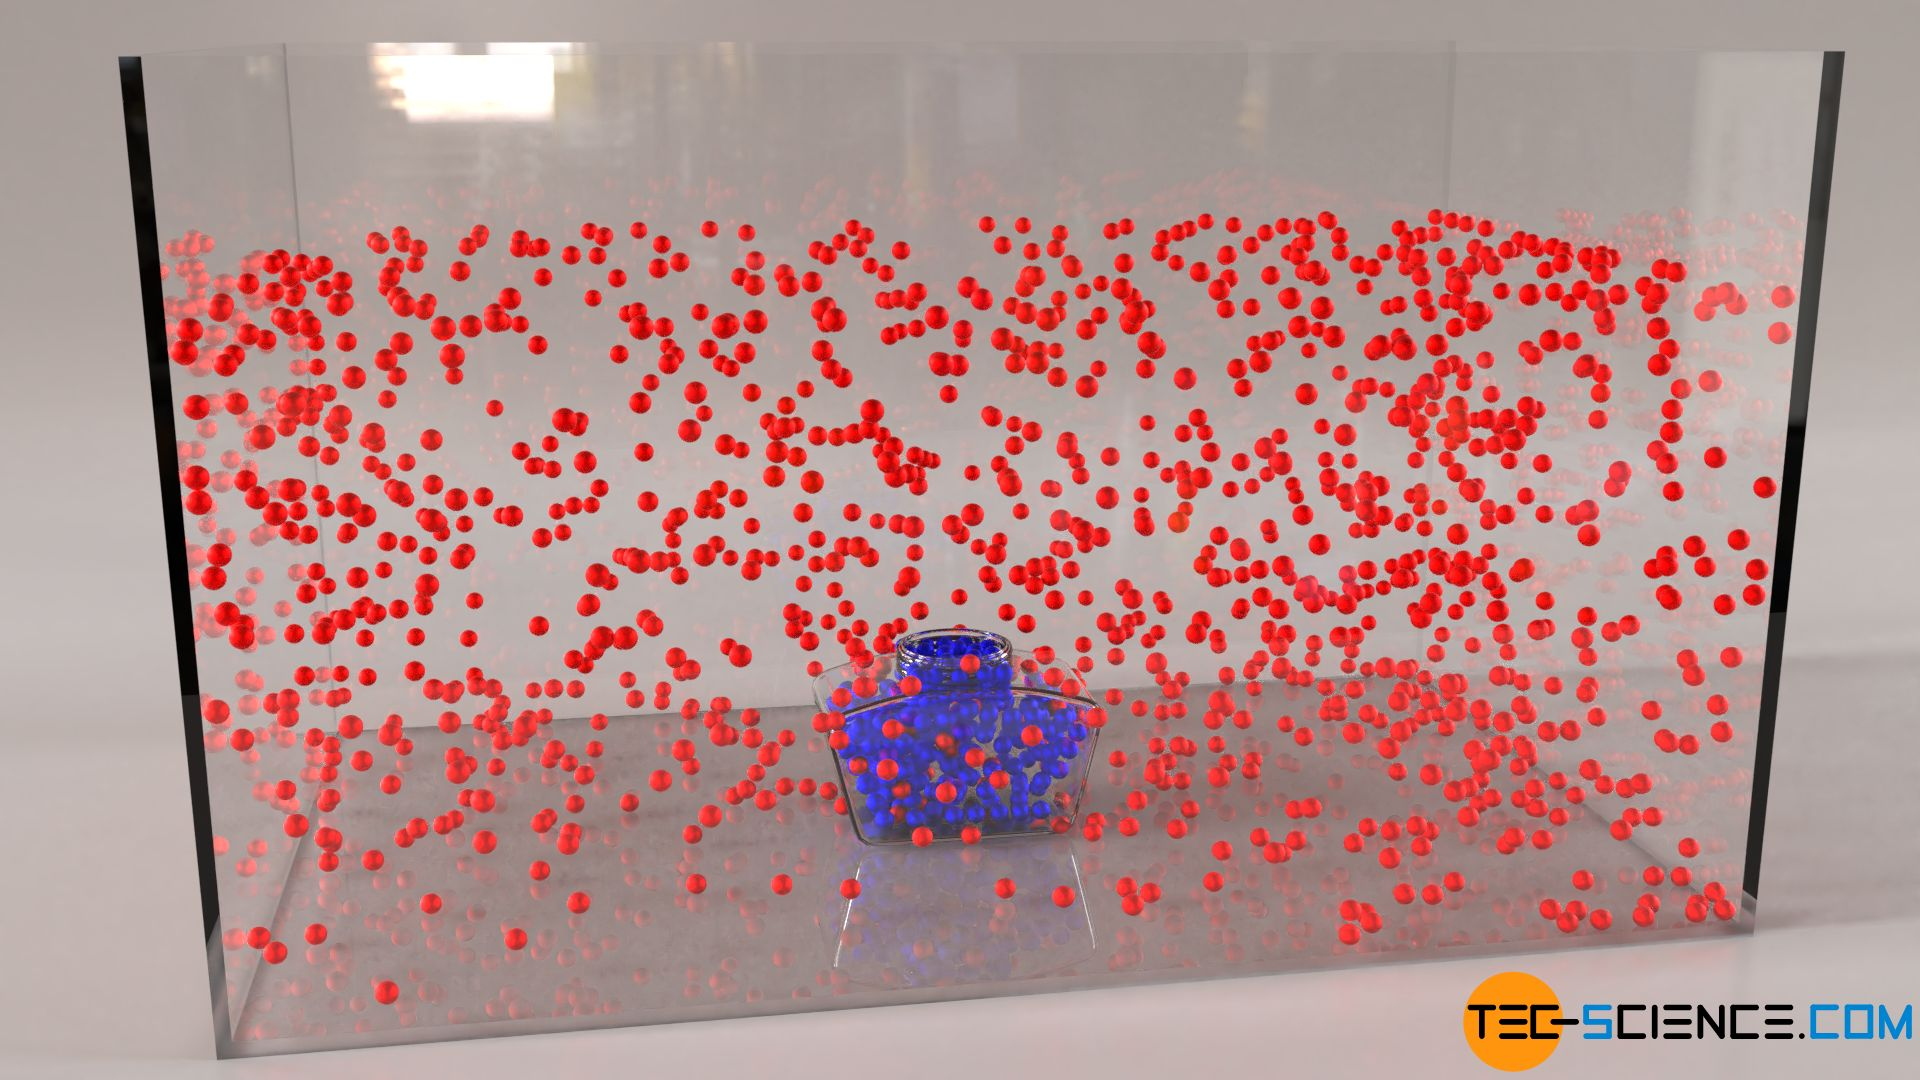 Veranschaulichung der Brownschen Teilchenbewegung mit Bällen